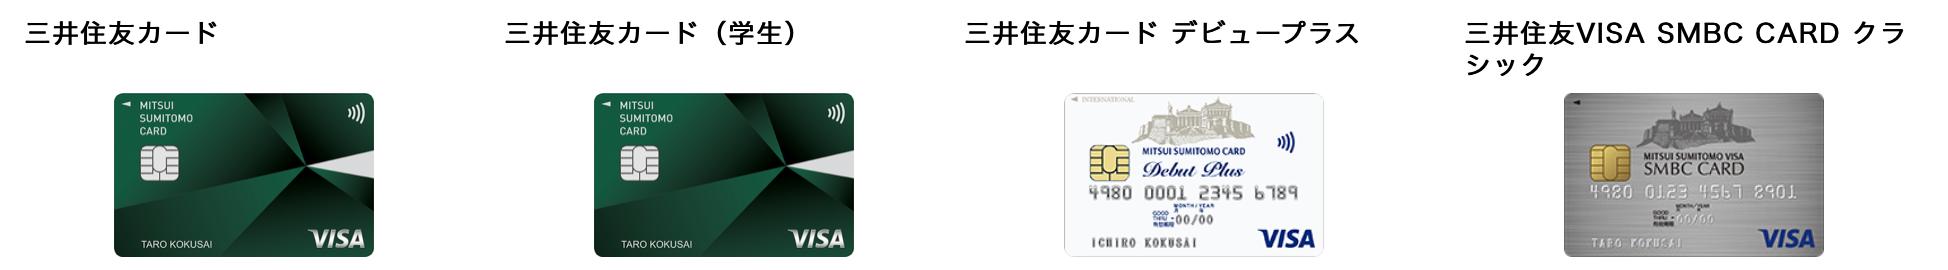 三井住友カード 学生 上限